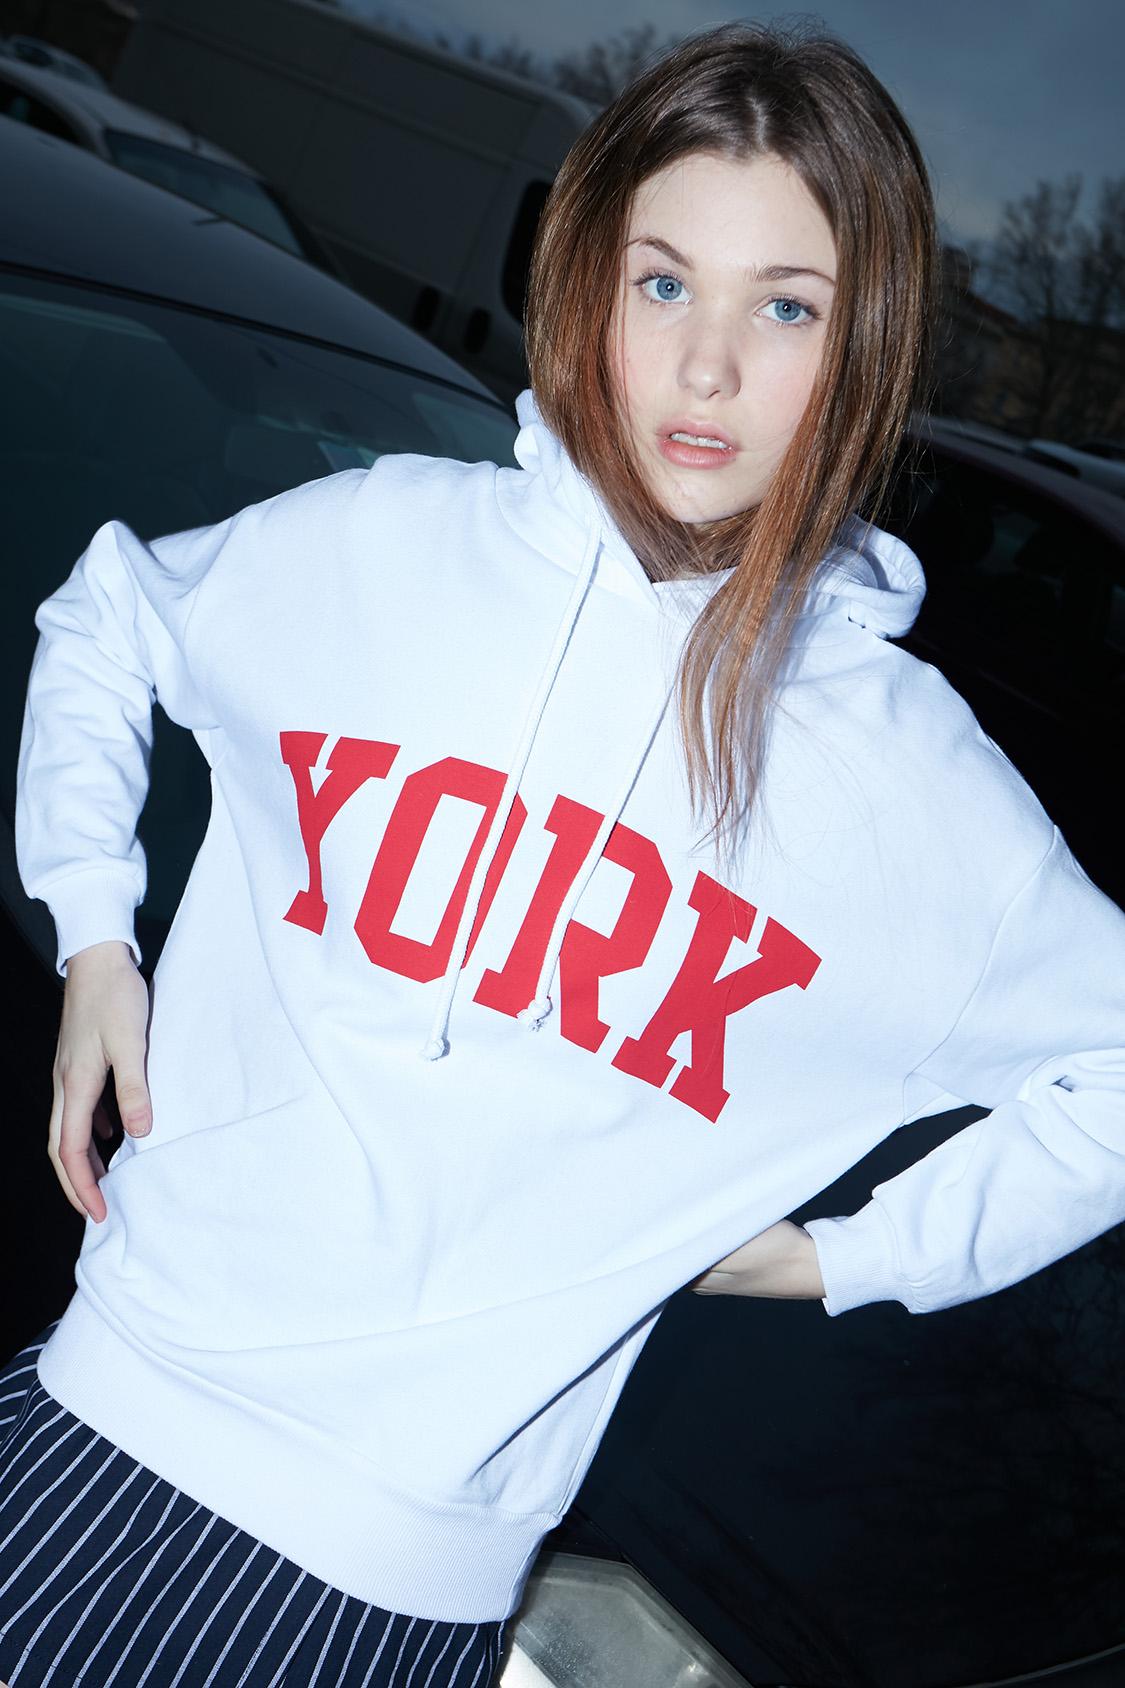 York printed hoodie